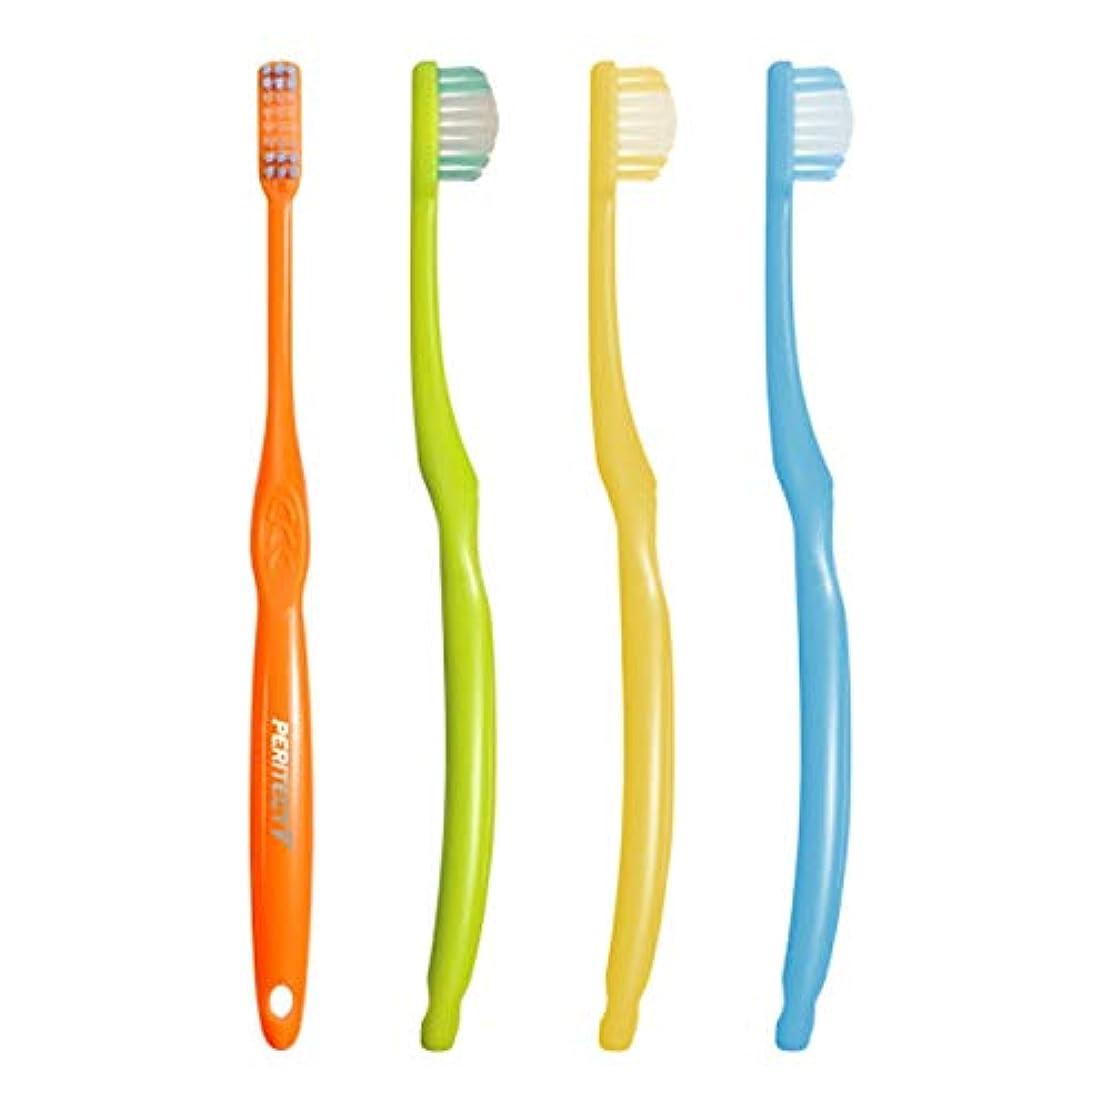 不正確外交メモビーブランド PERITECT V ペリテクト ブイ 歯ブラシ (6M やわらかめ) × 5本 歯科専売品